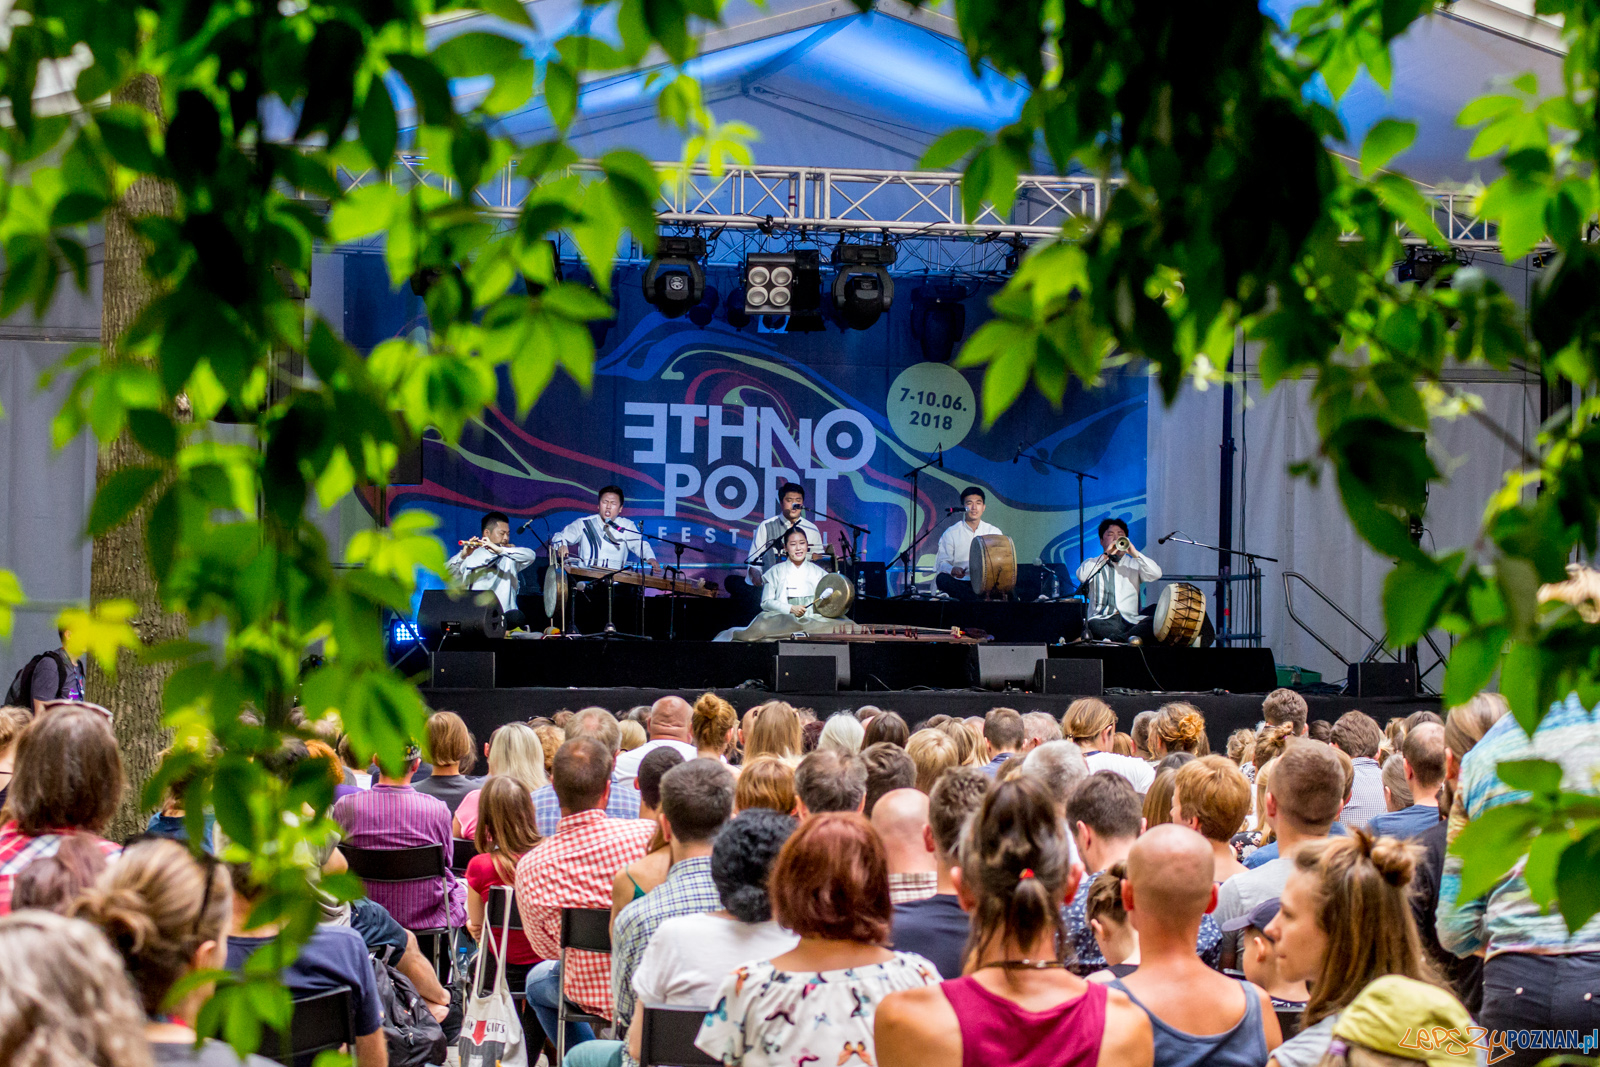 Ethno Port Festival 2018  Foto: lepszyPOZNAN.pl / Ewelina Jaśkowiak